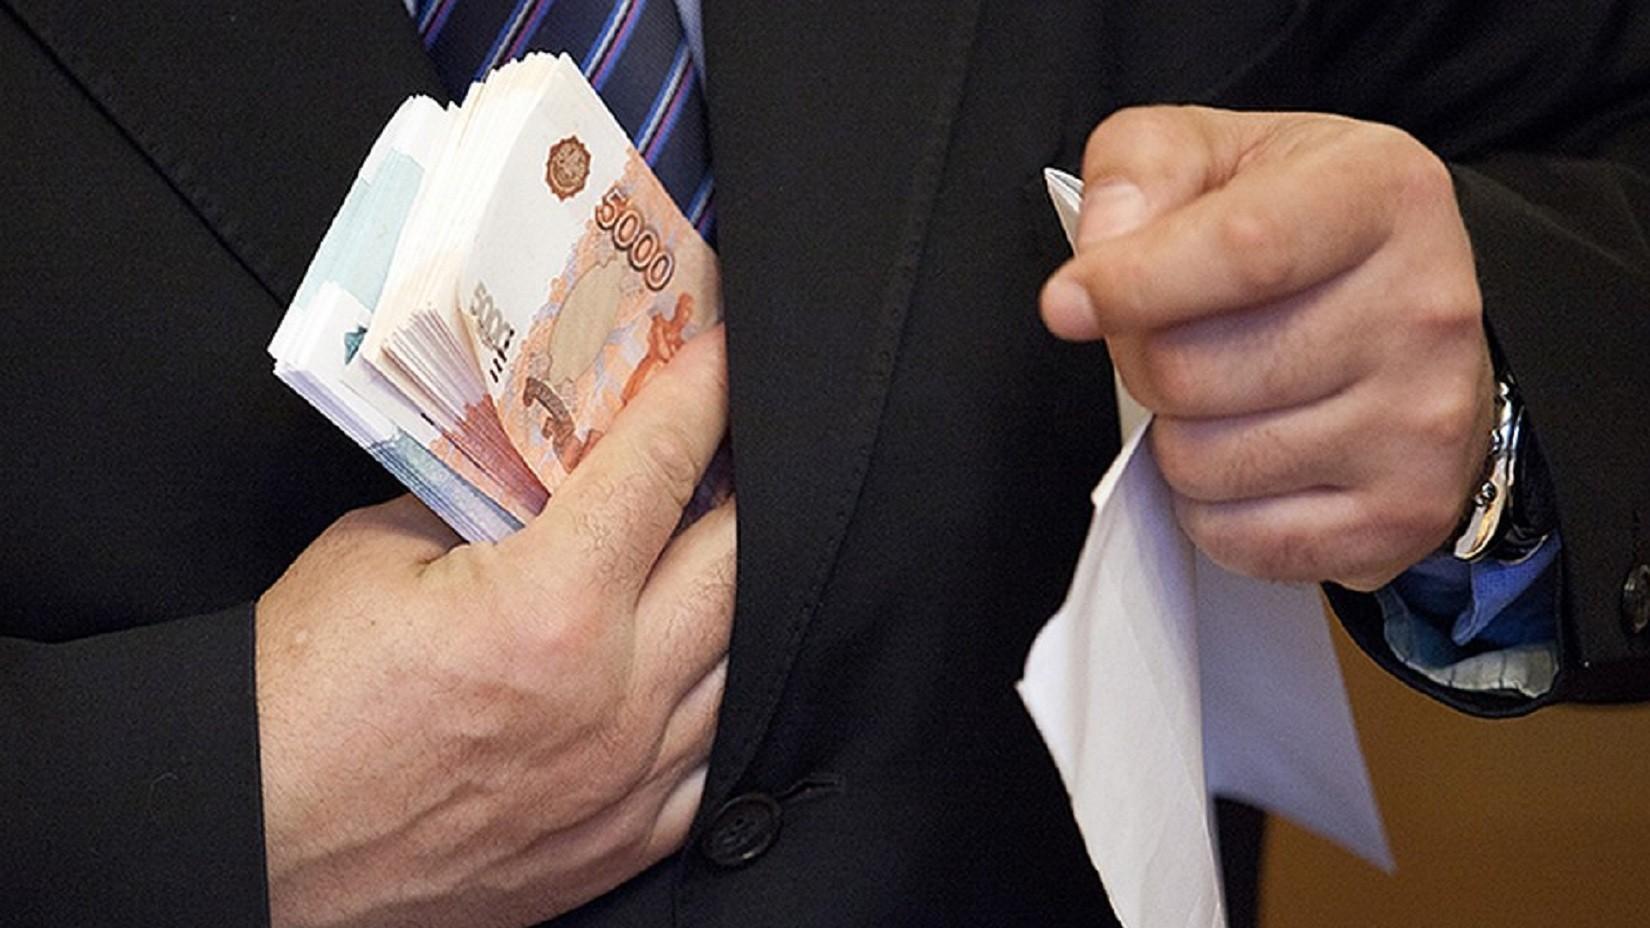 """Установлена причастность замдиректора ТК """"Система"""" к хищению более 26 млн рублей"""